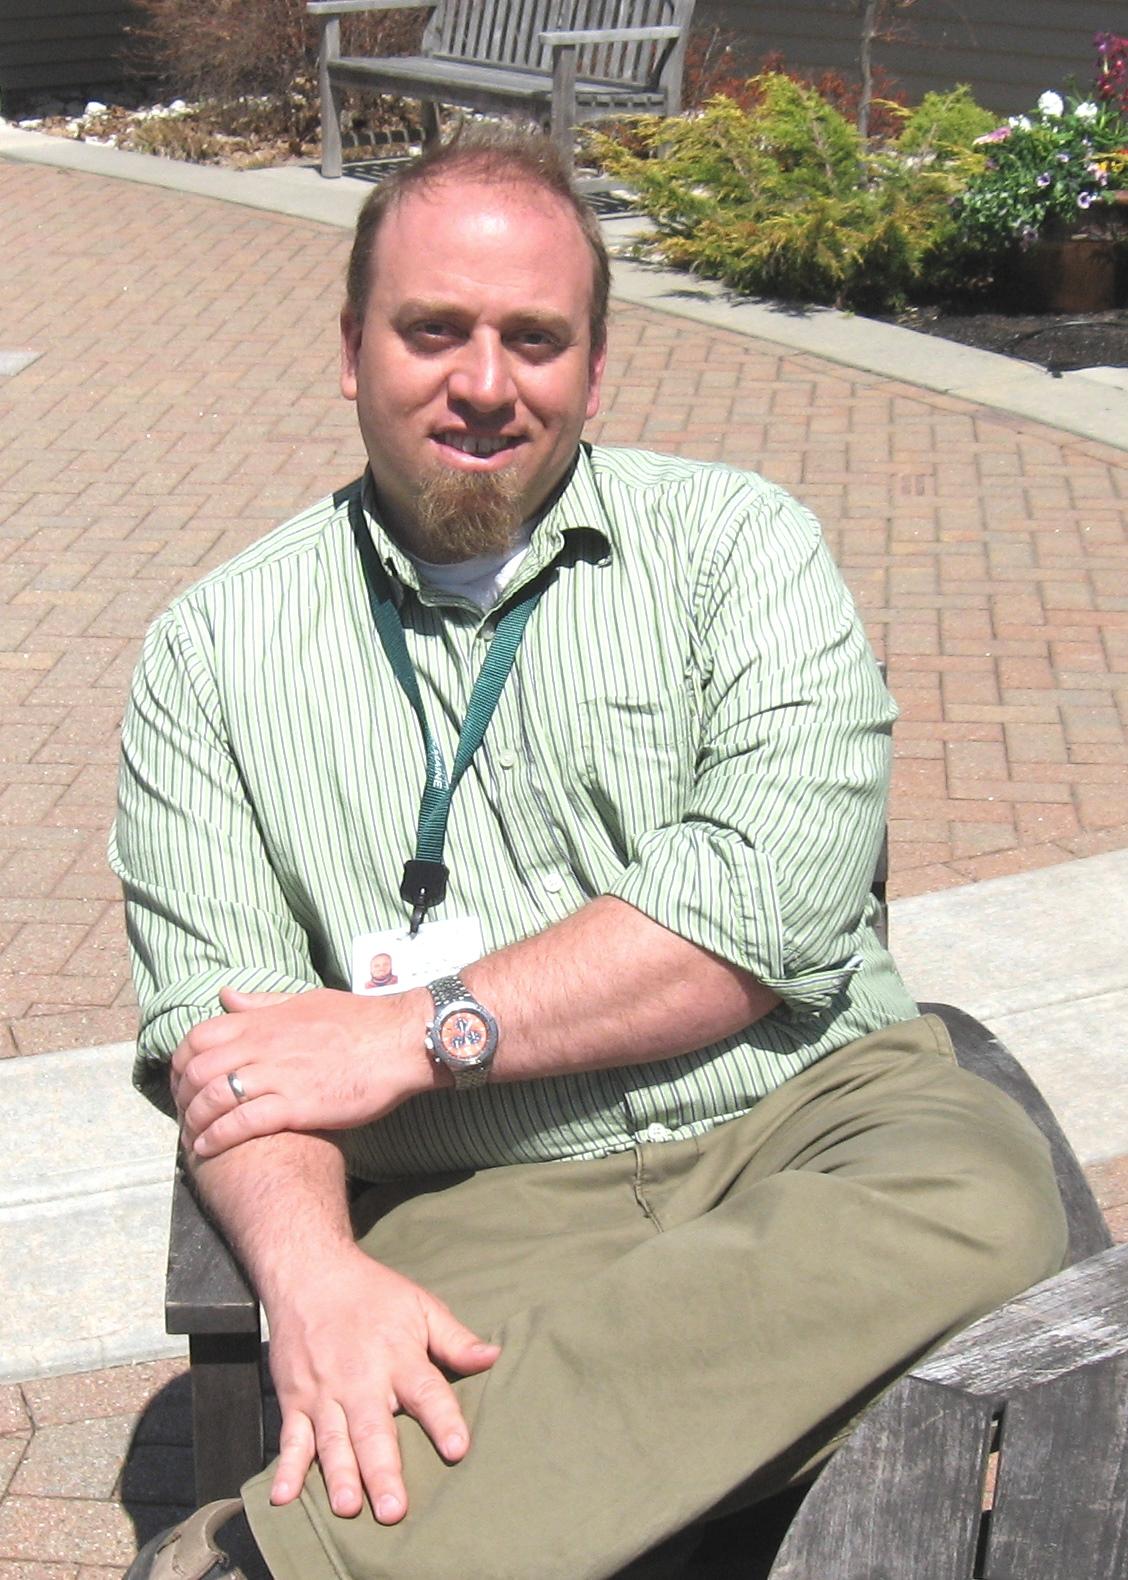 blog an interview jason libby hsm nurse practitioner an interview jason libby hsm nurse practitioner